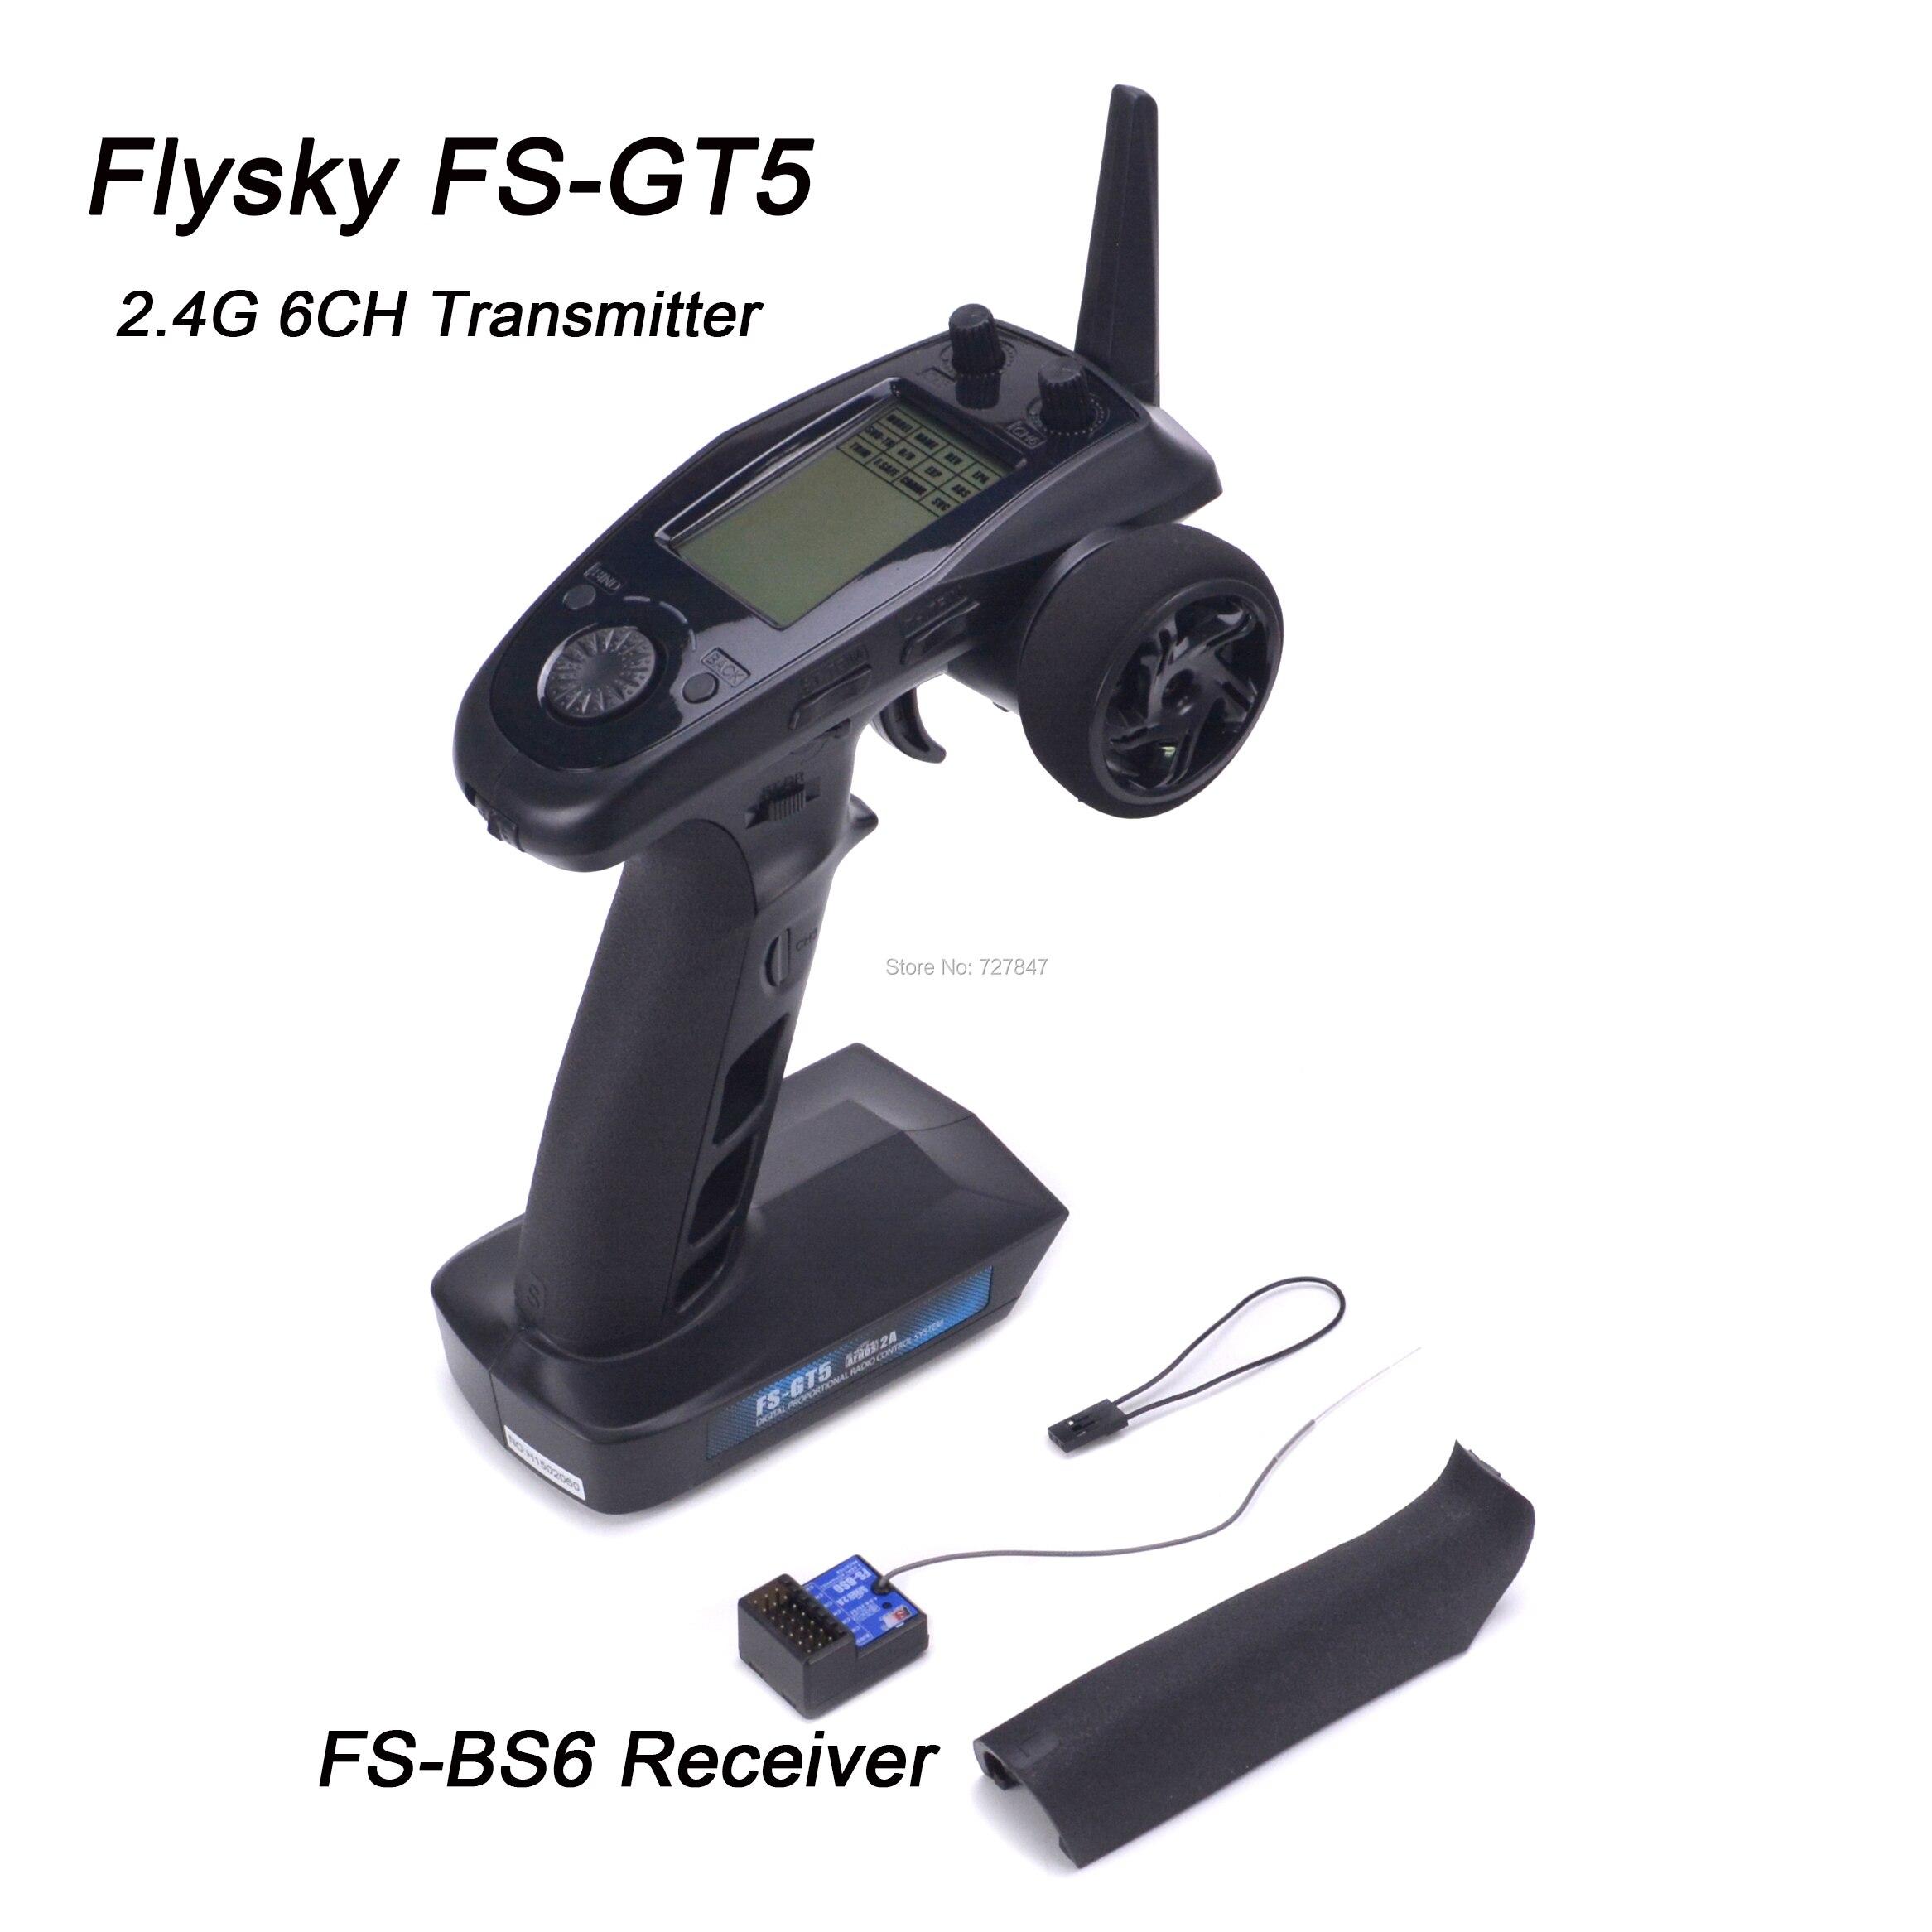 Transmisor Flysky FS GT5 FS GT5 2,4G 6CH con receptor FS BS6 giroscopio integrado a prueba de fallos para barco de coche RC control remoto-in Partes y accesorios from Juguetes y pasatiempos    1